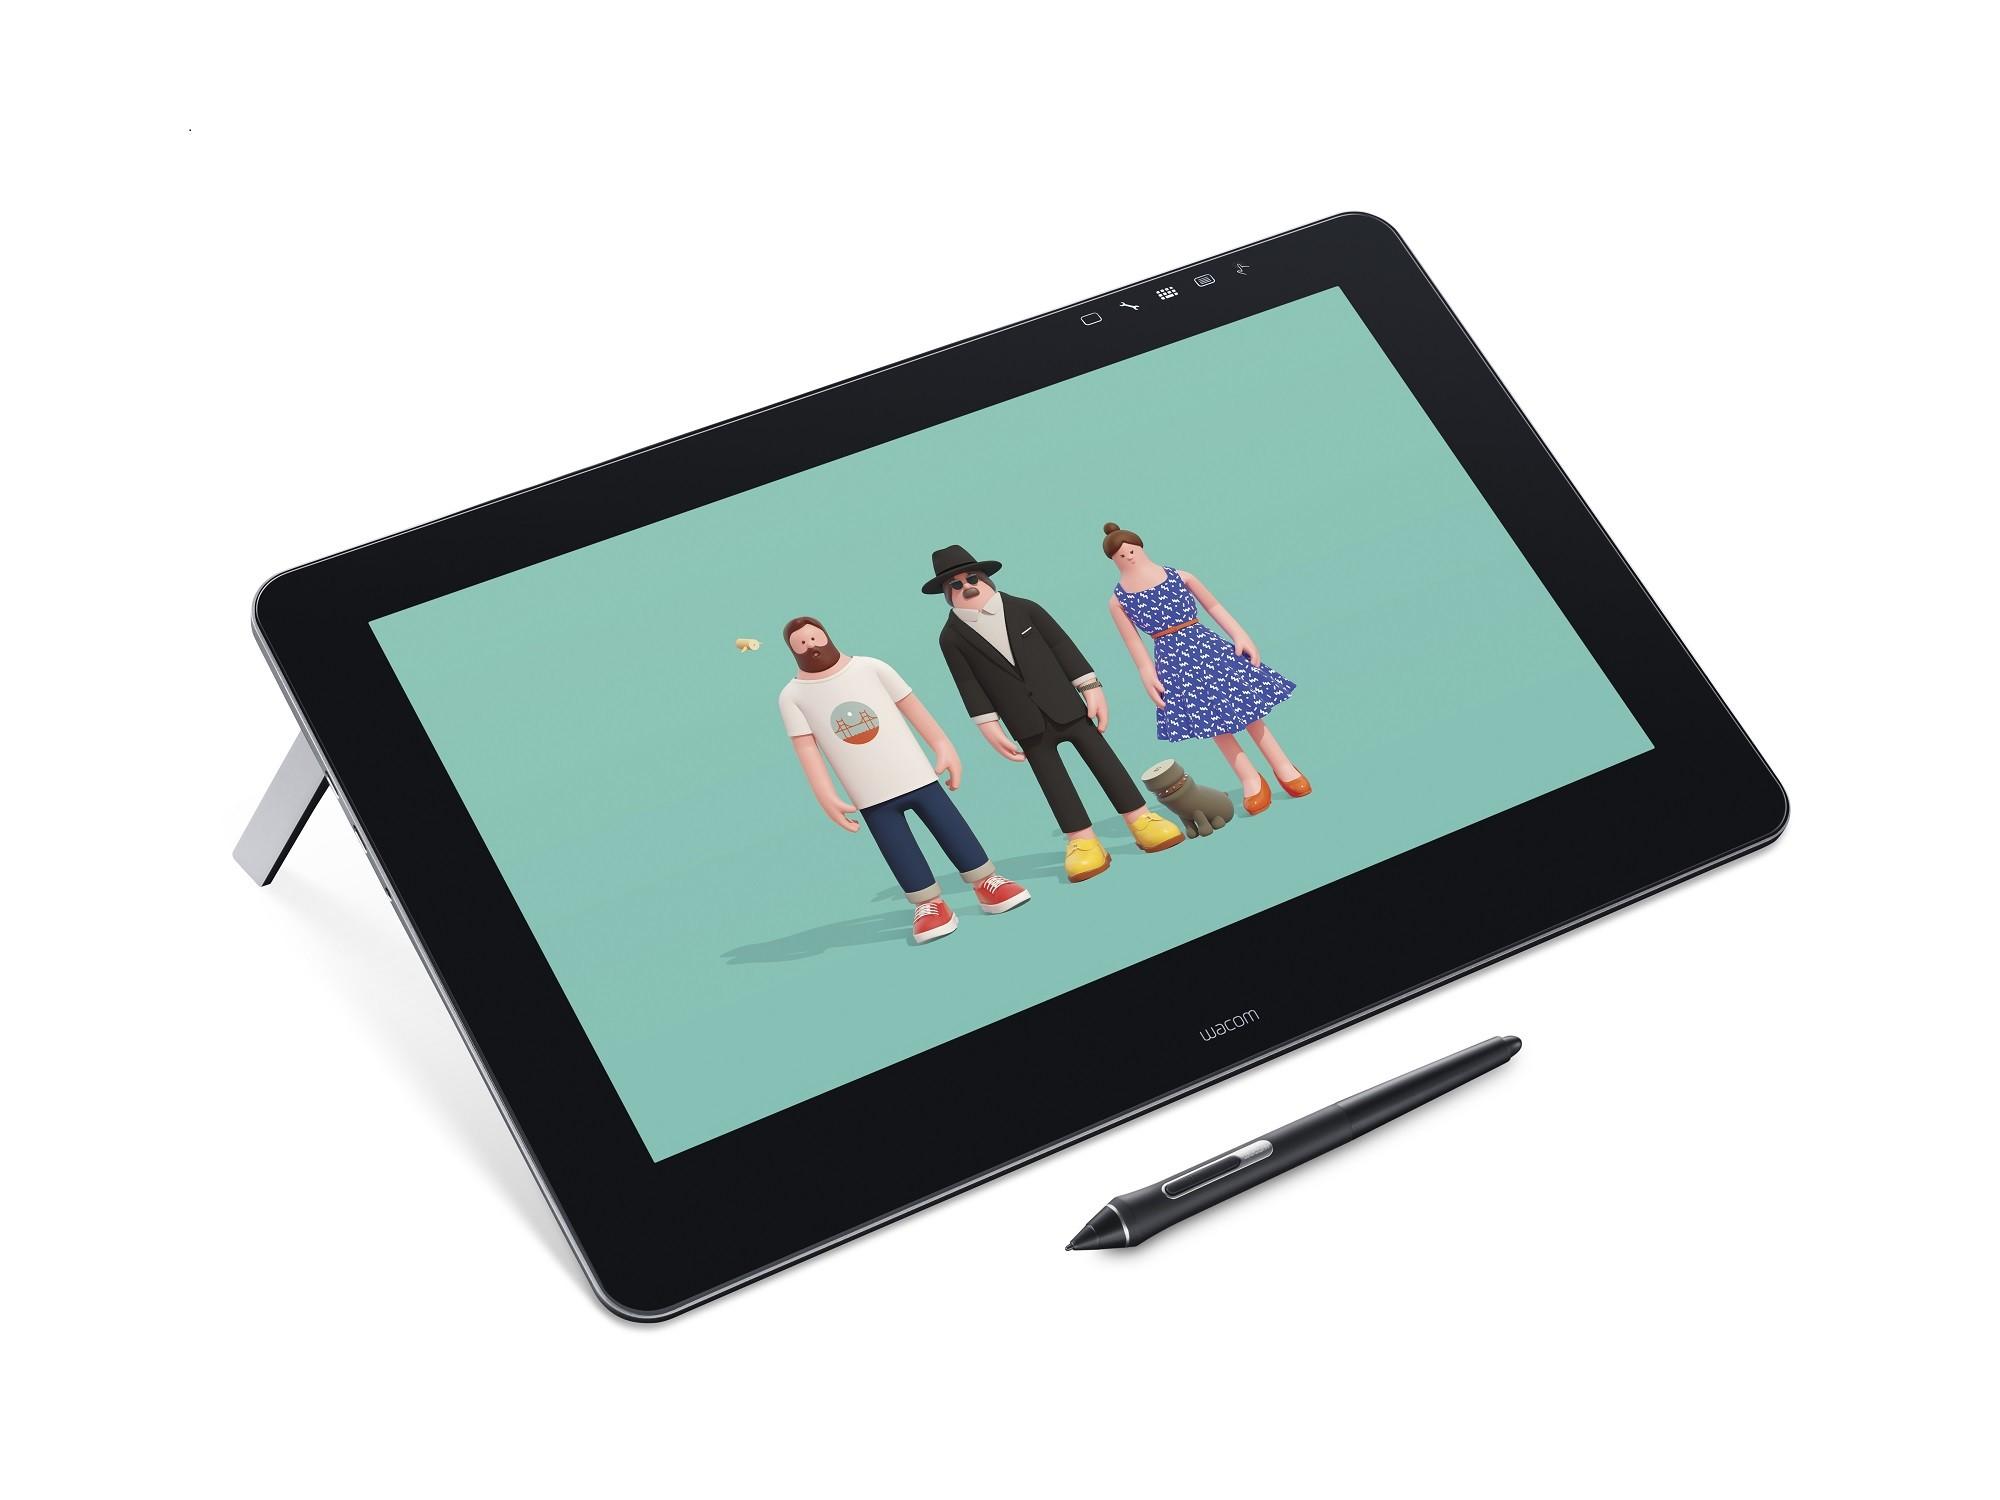 Wacom Cintiq Pro 16 繪圖屏幕  直接電子化繪畫感受